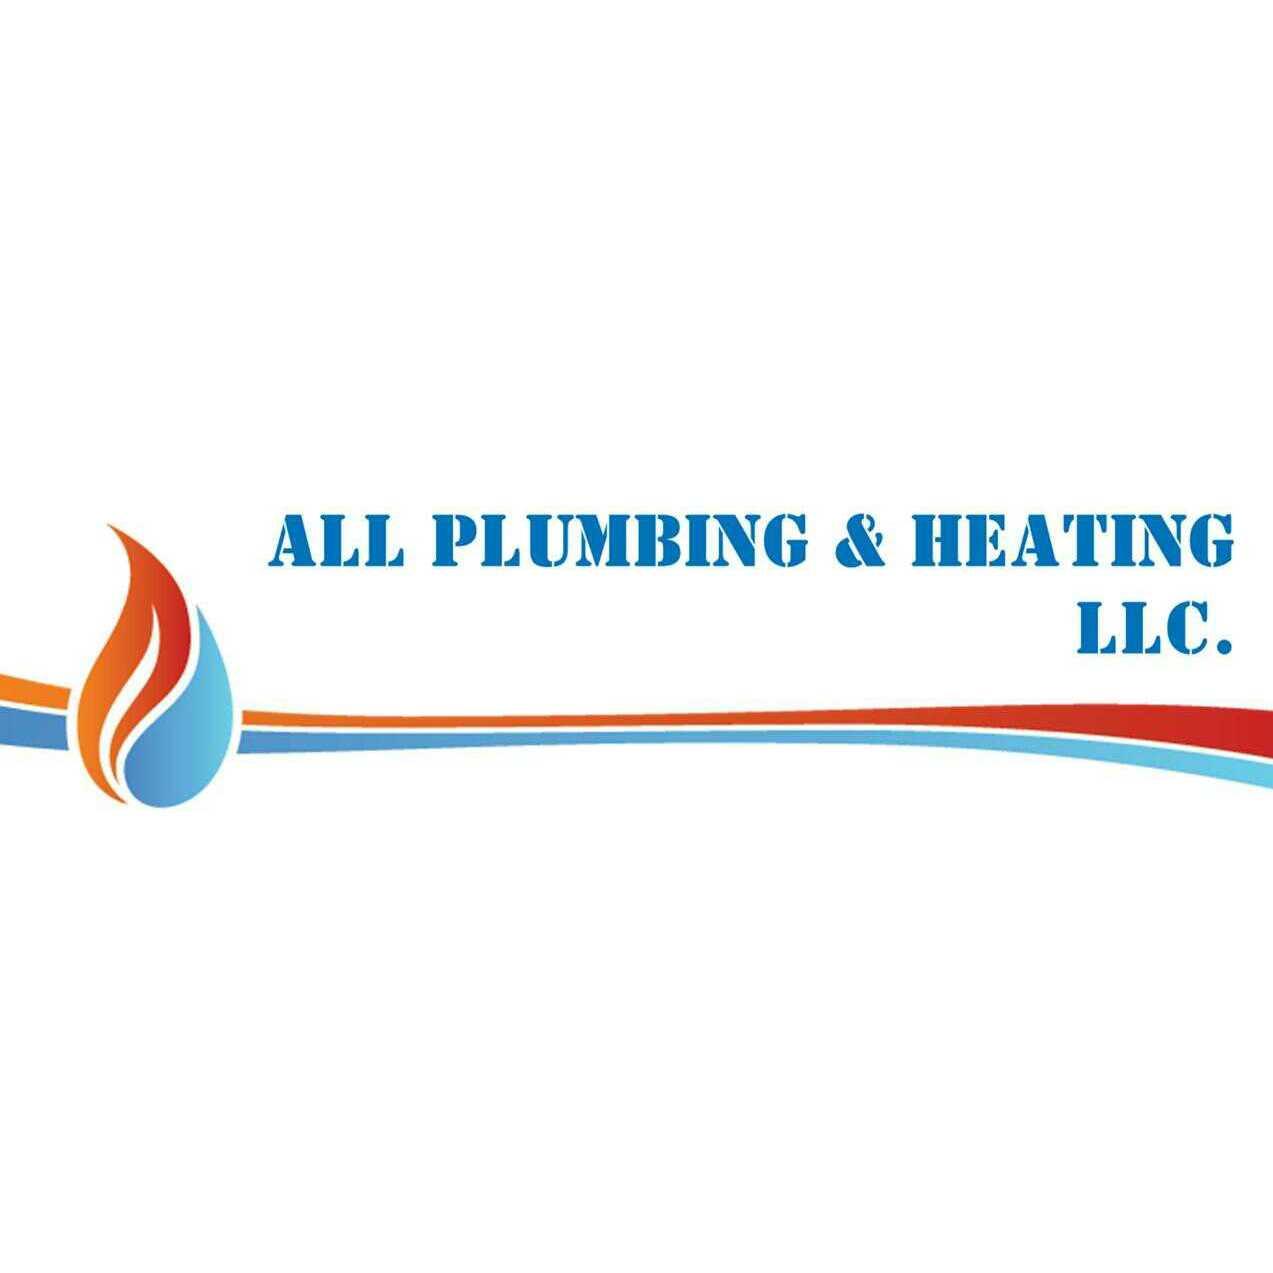 All Plumbing & Heating LLC image 0